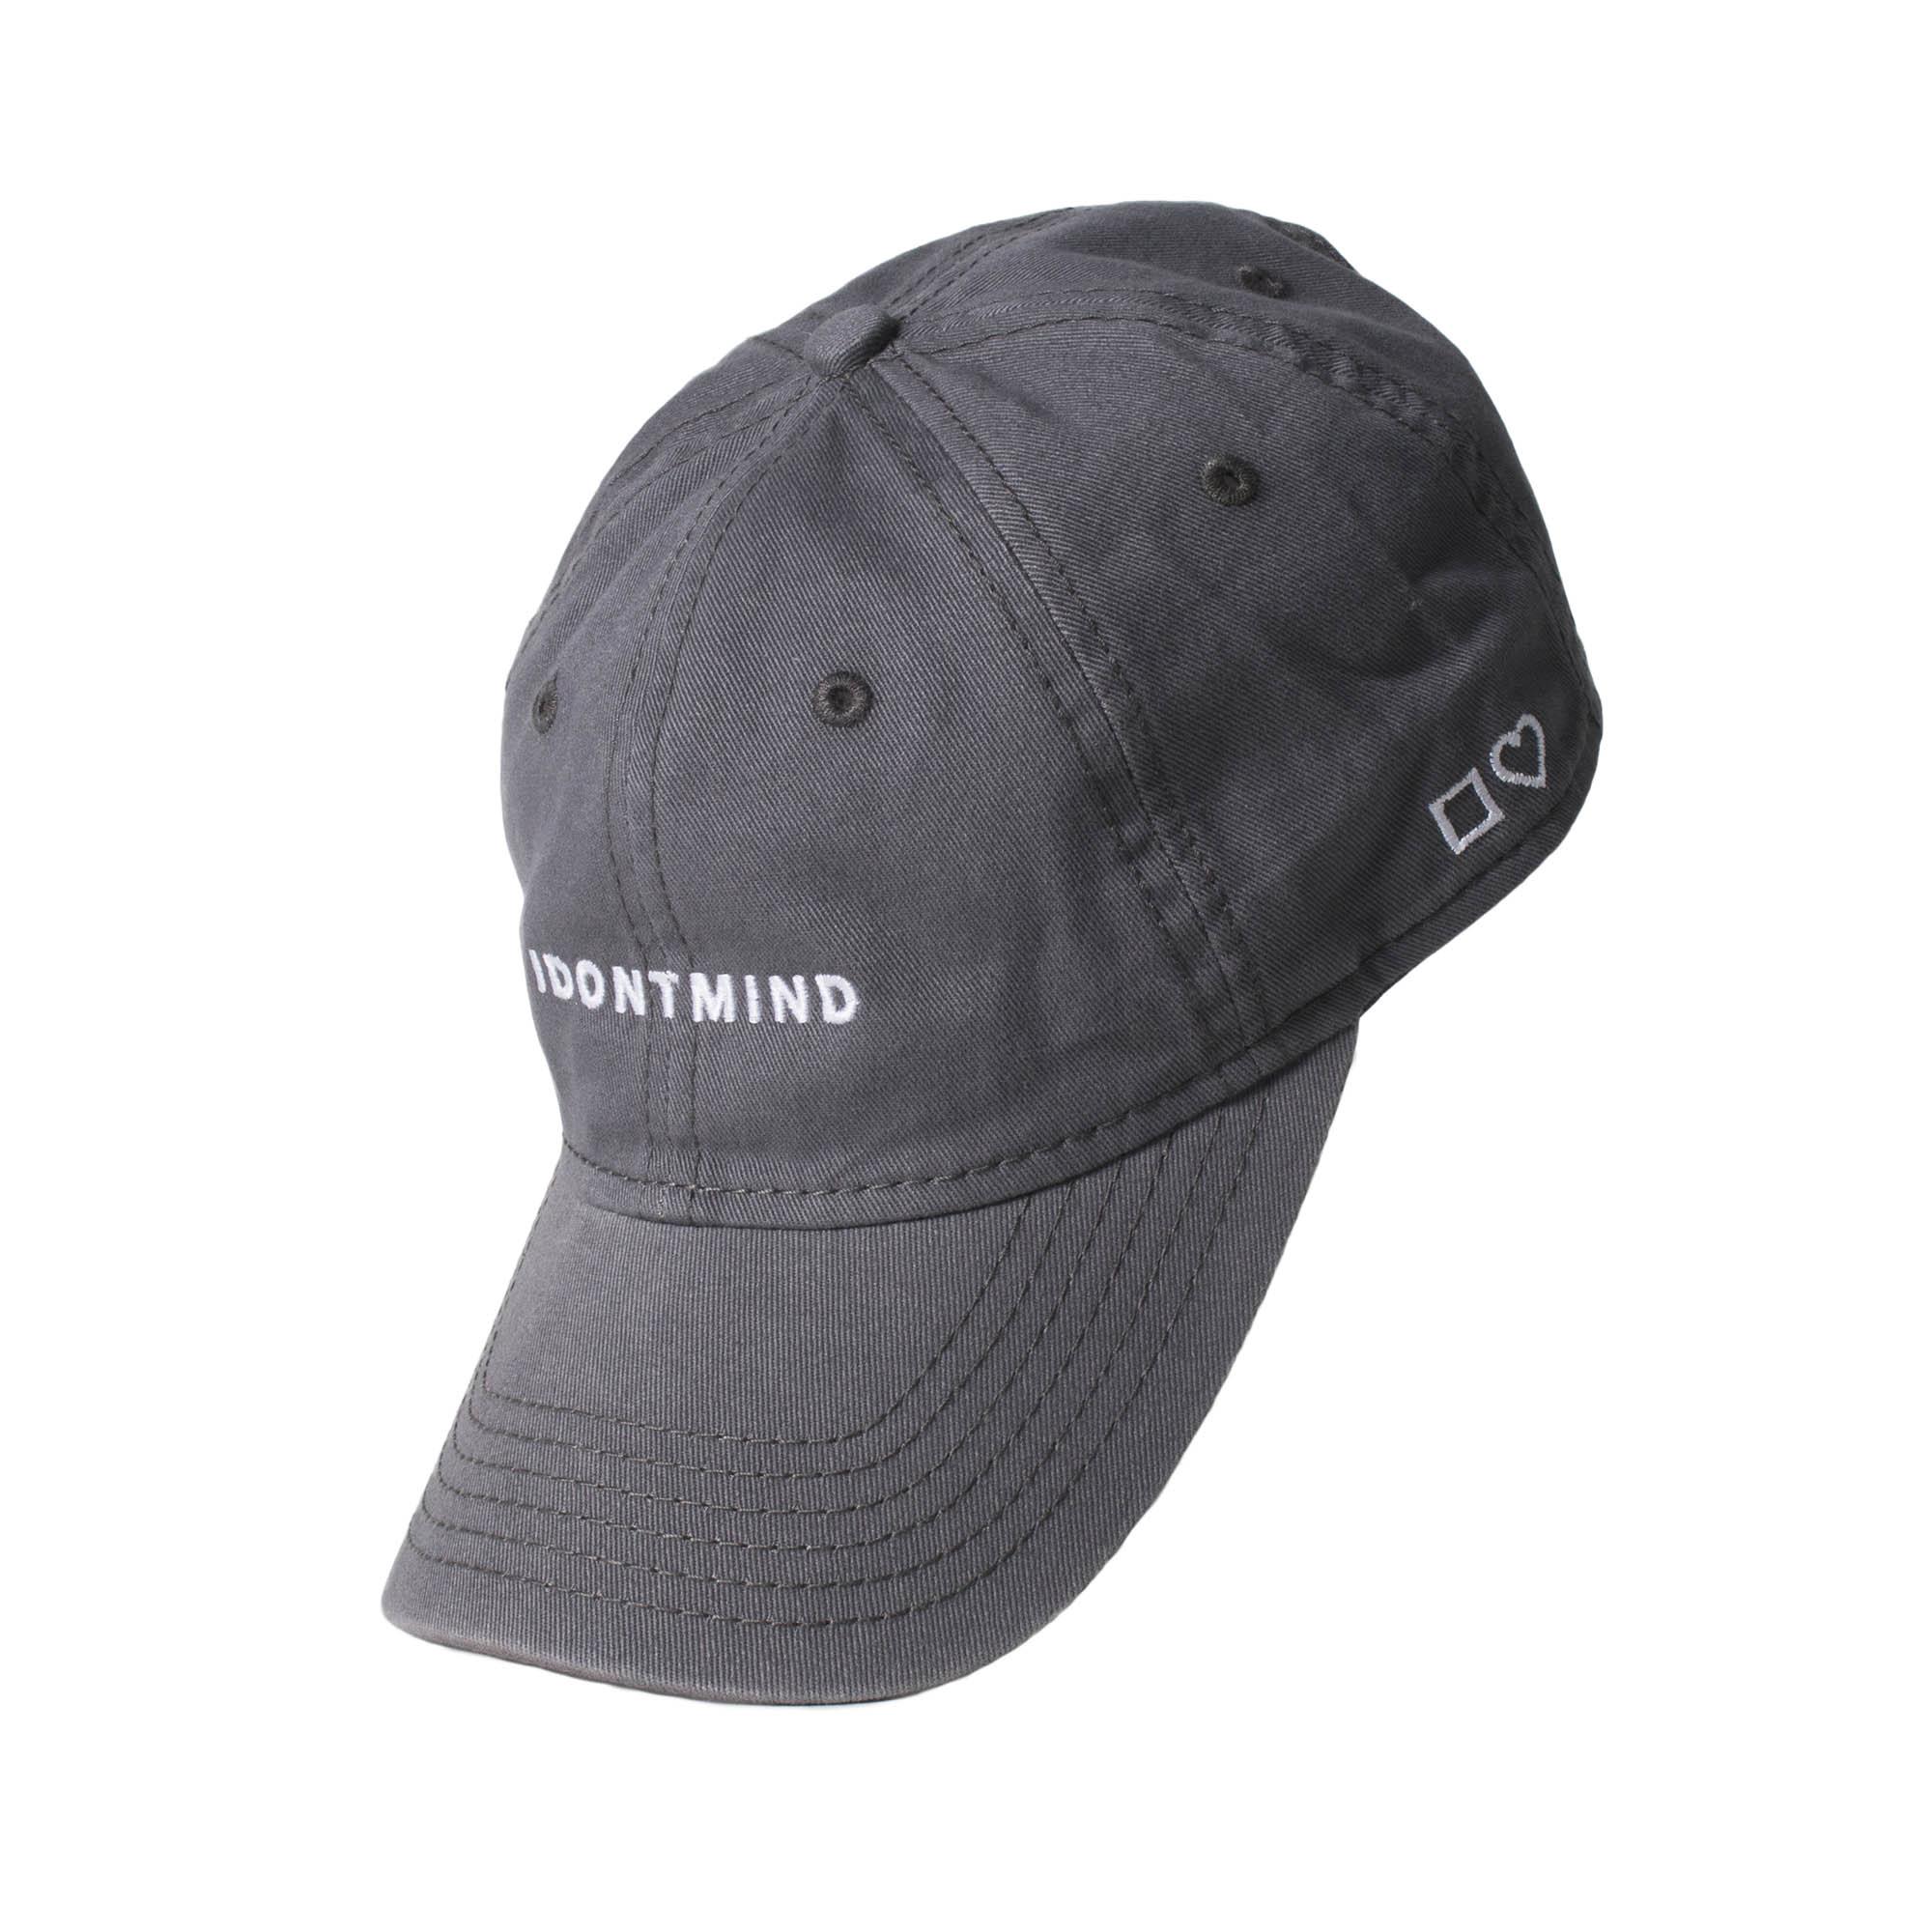 IDONTMIND-Weekend-Hat-Angle.jpg